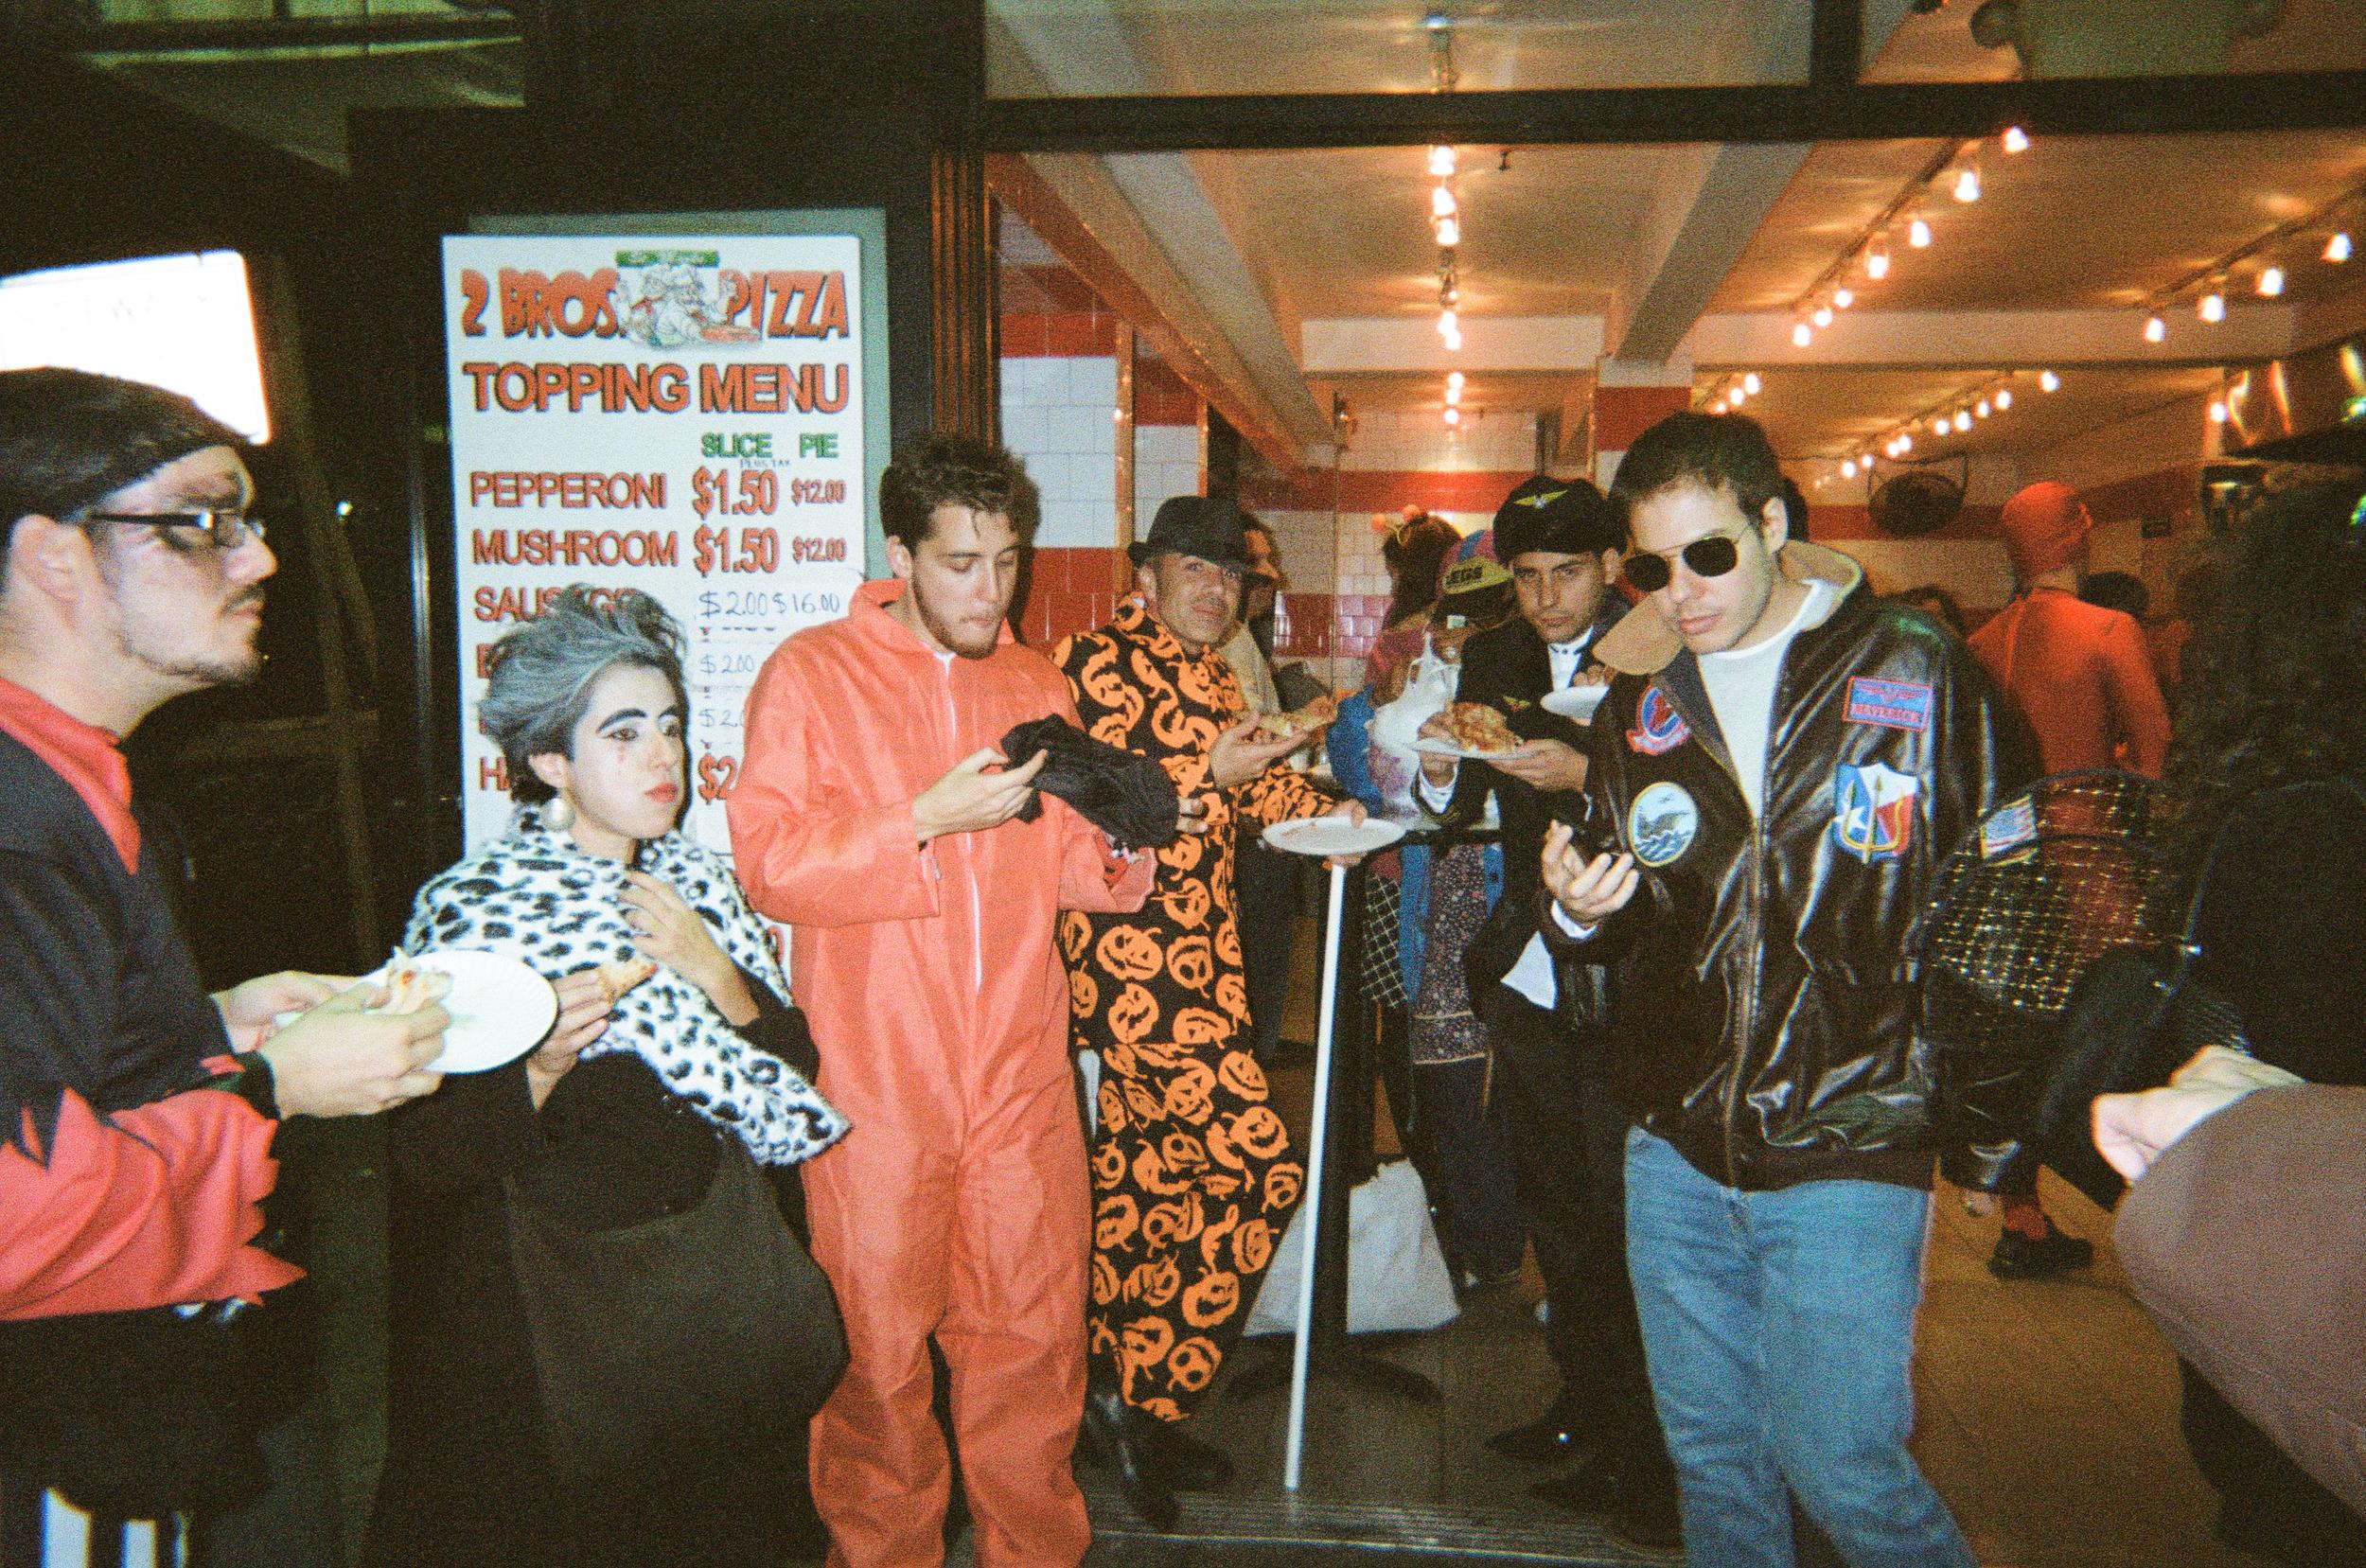 pizza_halloween_newyork_manhatten_grenwich_2_bros_lauren_ashmore